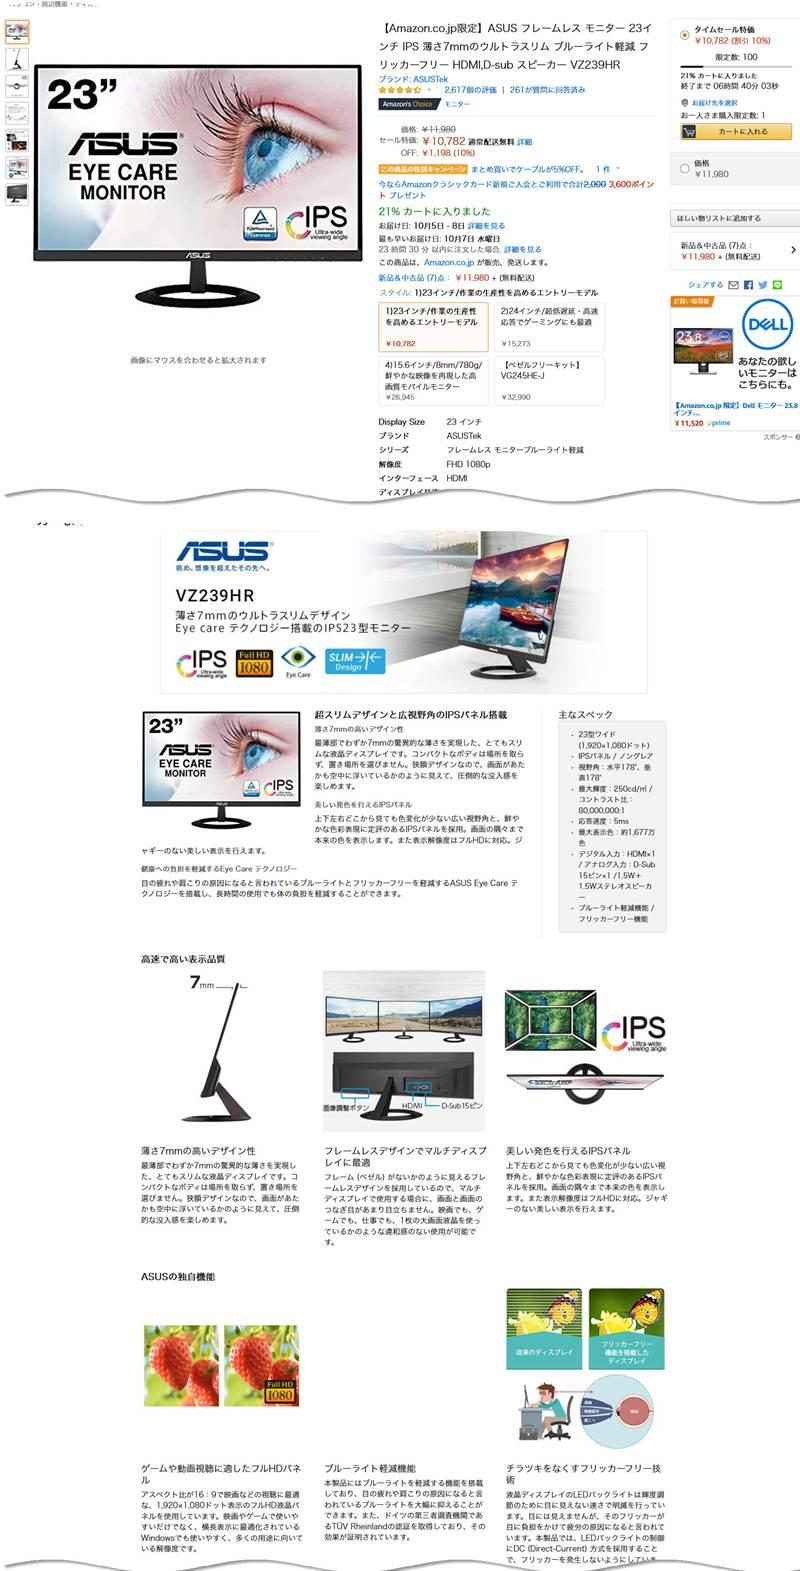 ASUS 23インチ IPS フレームレス モニター VZ239HR がタイムセール!